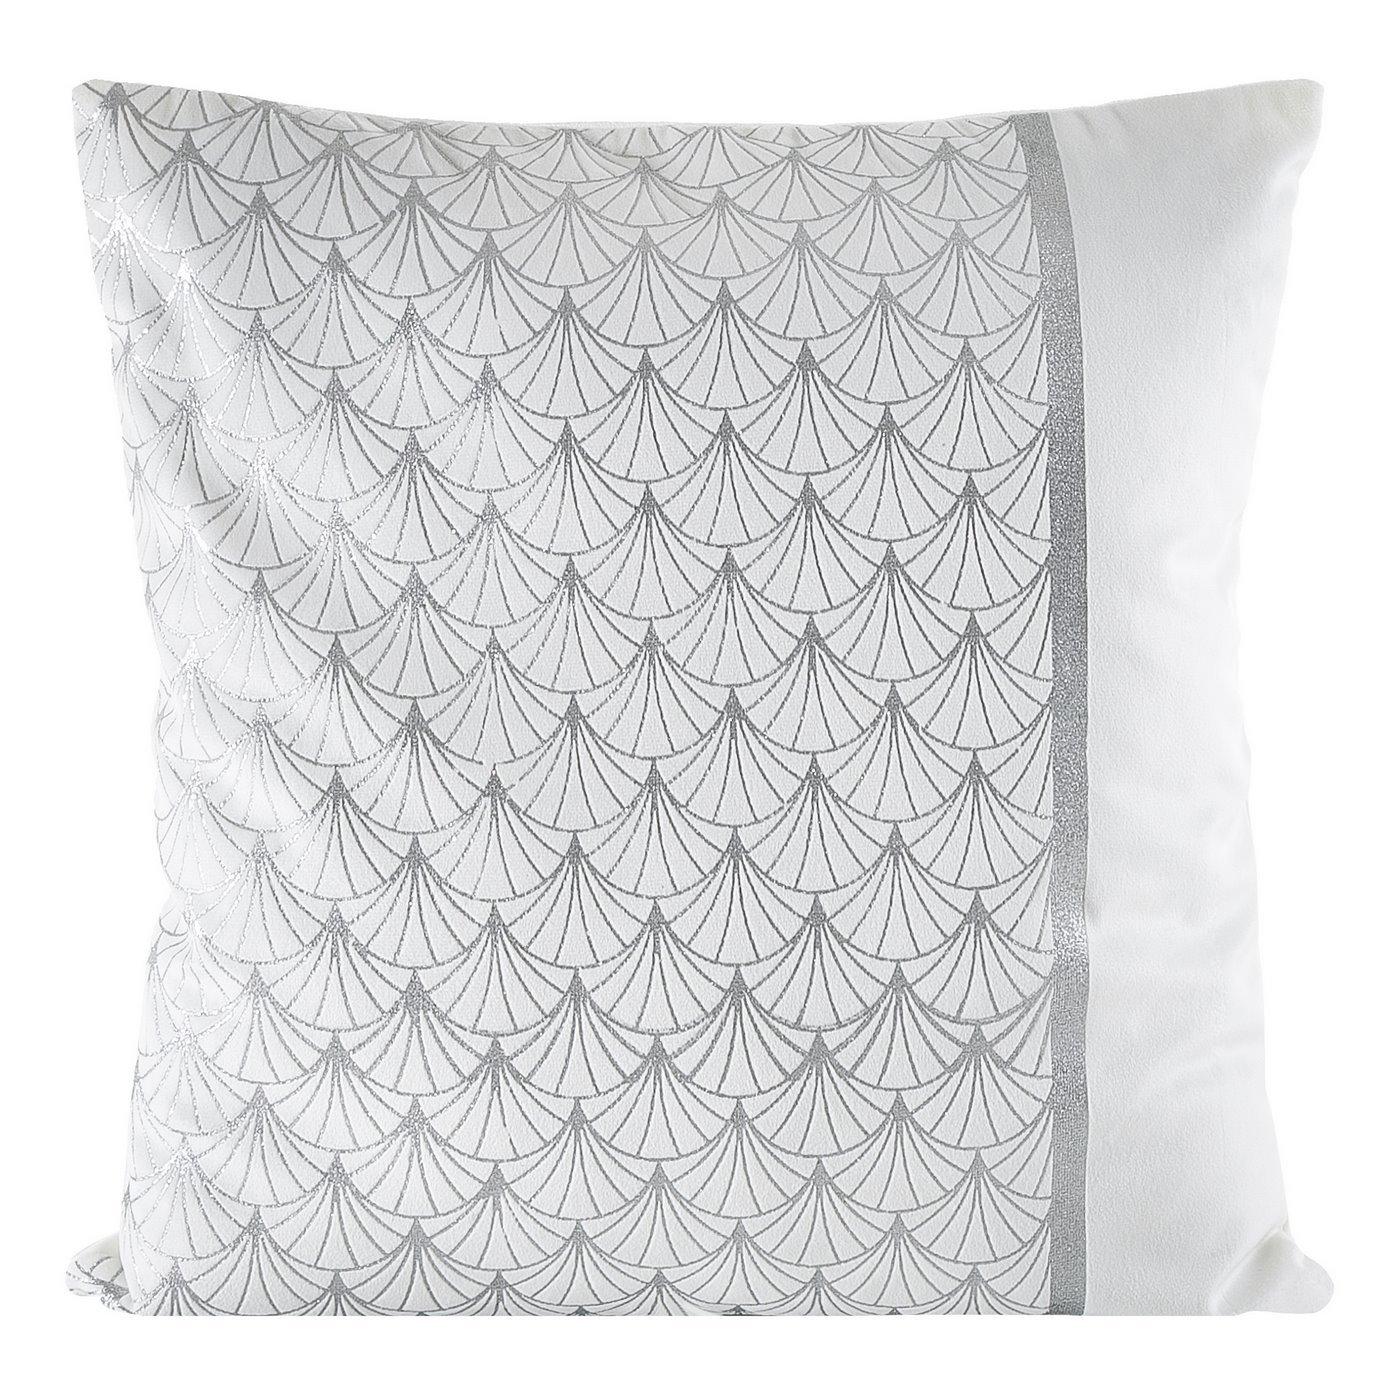 Poszewka dekoracyjna na poduszkę  45 x 45 Kolor Biały/Srebrny